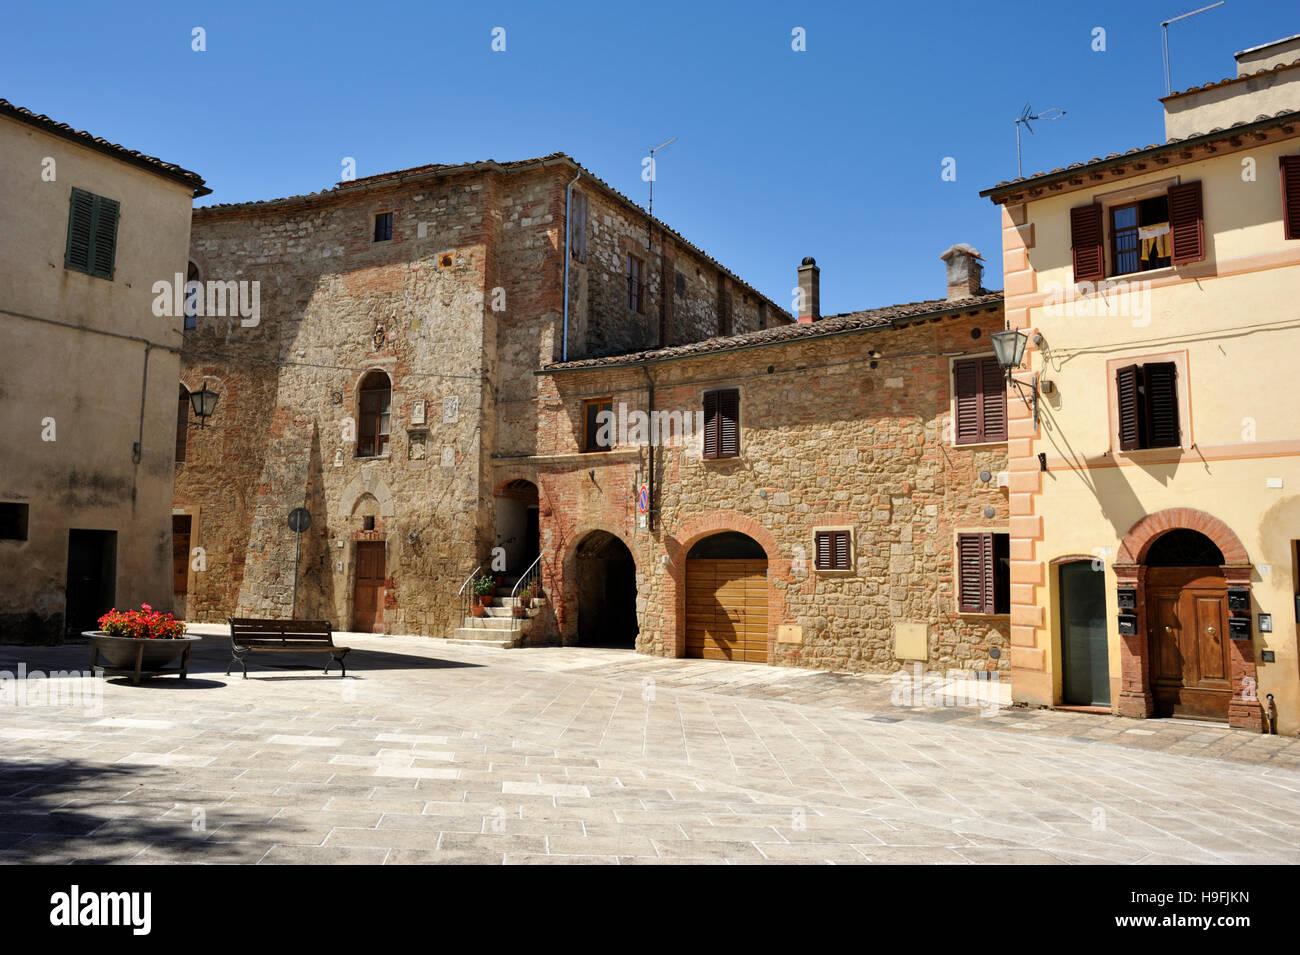 Palazzo Pretorio, Piazza del Grano, Asciano, Tuscany, Italy Stock Photo